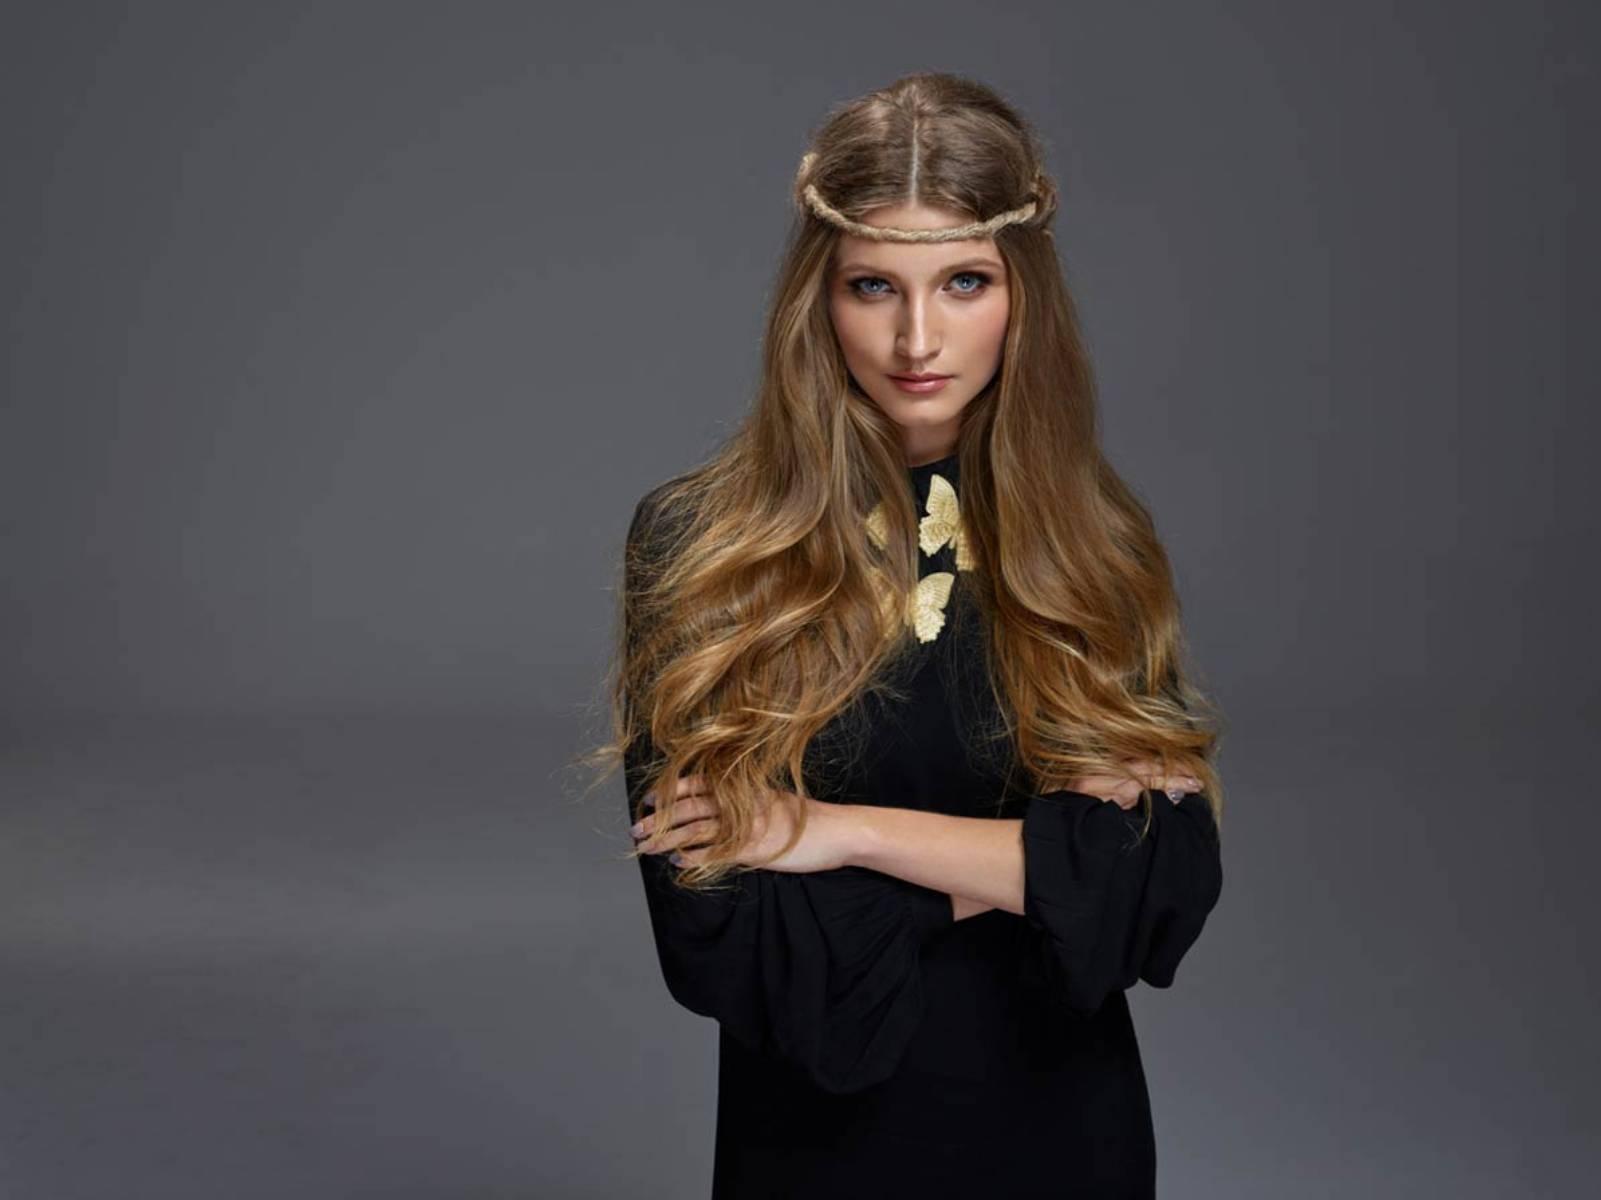 Nowe fryzury by Maniewski